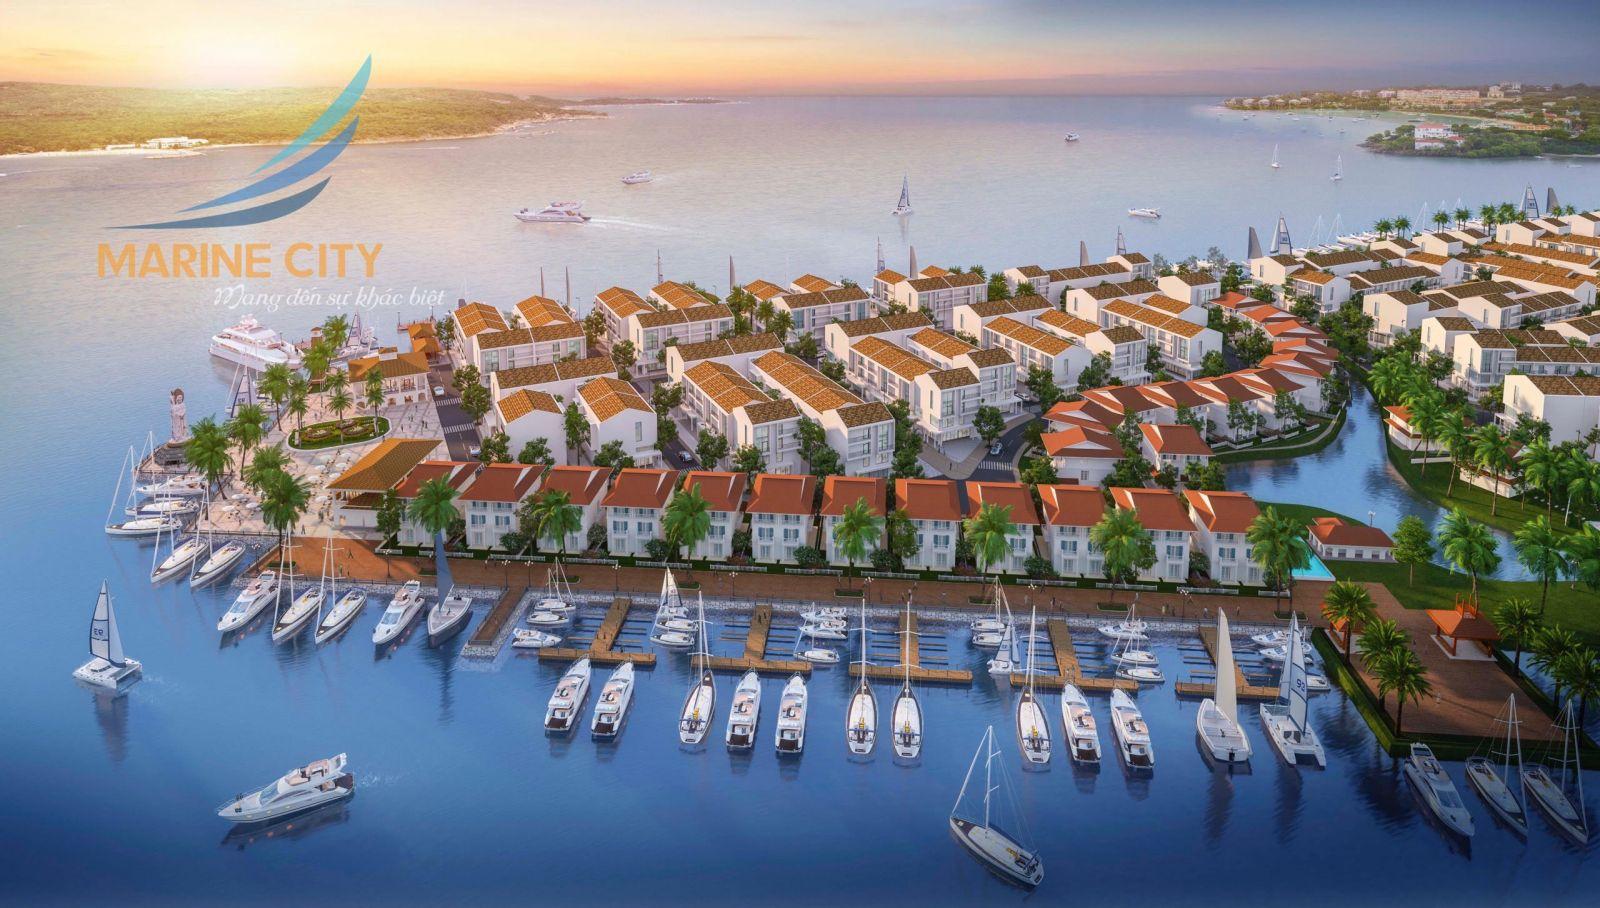 Tiềm năng về dự án Marine City dự kiến sẽ được các chuyên gia chia sẻ tại Hội thảo. Ảnh: Phối cảnh dự án